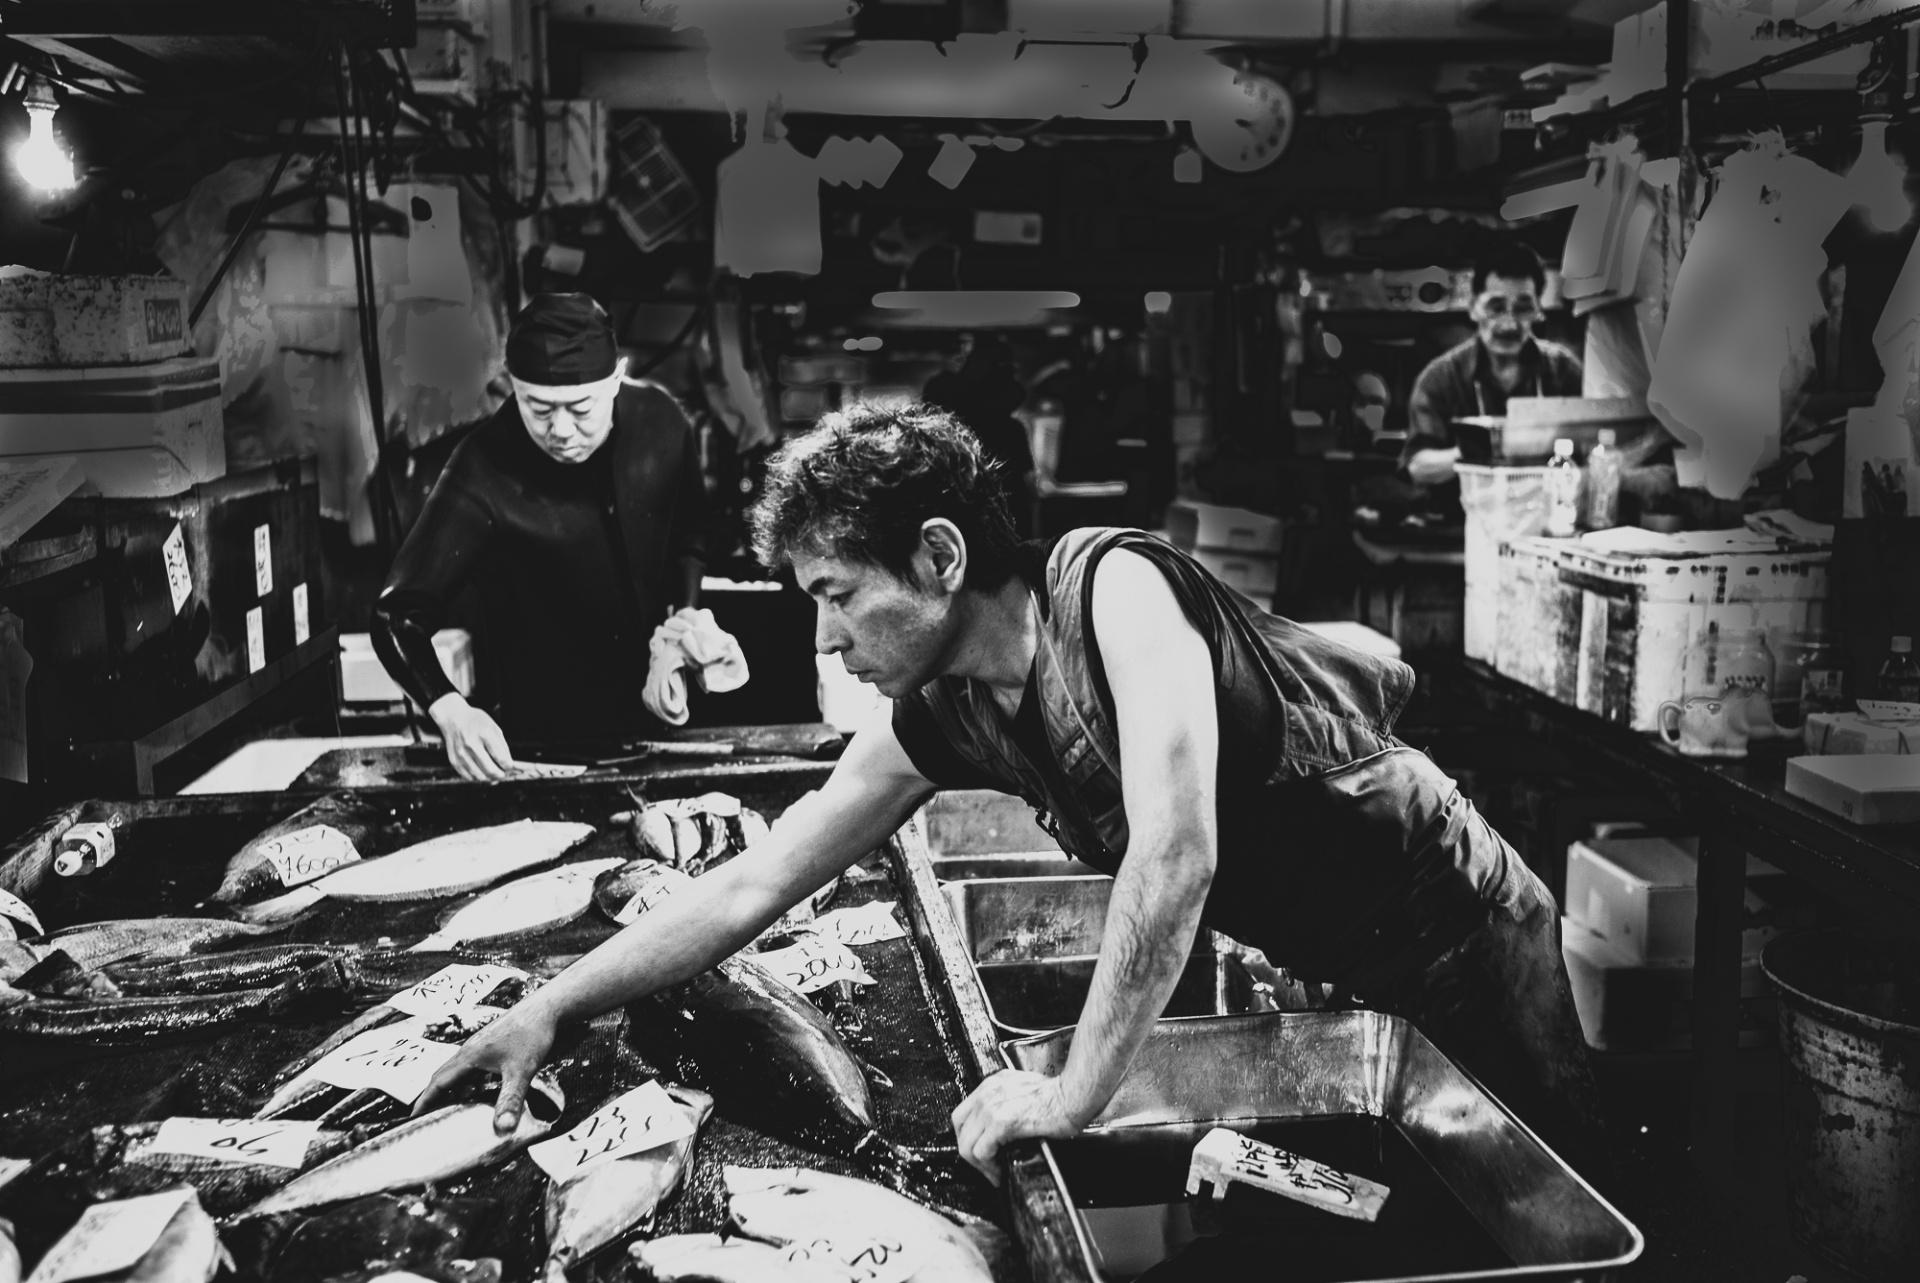 L'antico mercato ittico di Tsukiji a Tokyo, L'antico mercato ittico di Tsukiji a Tokyo